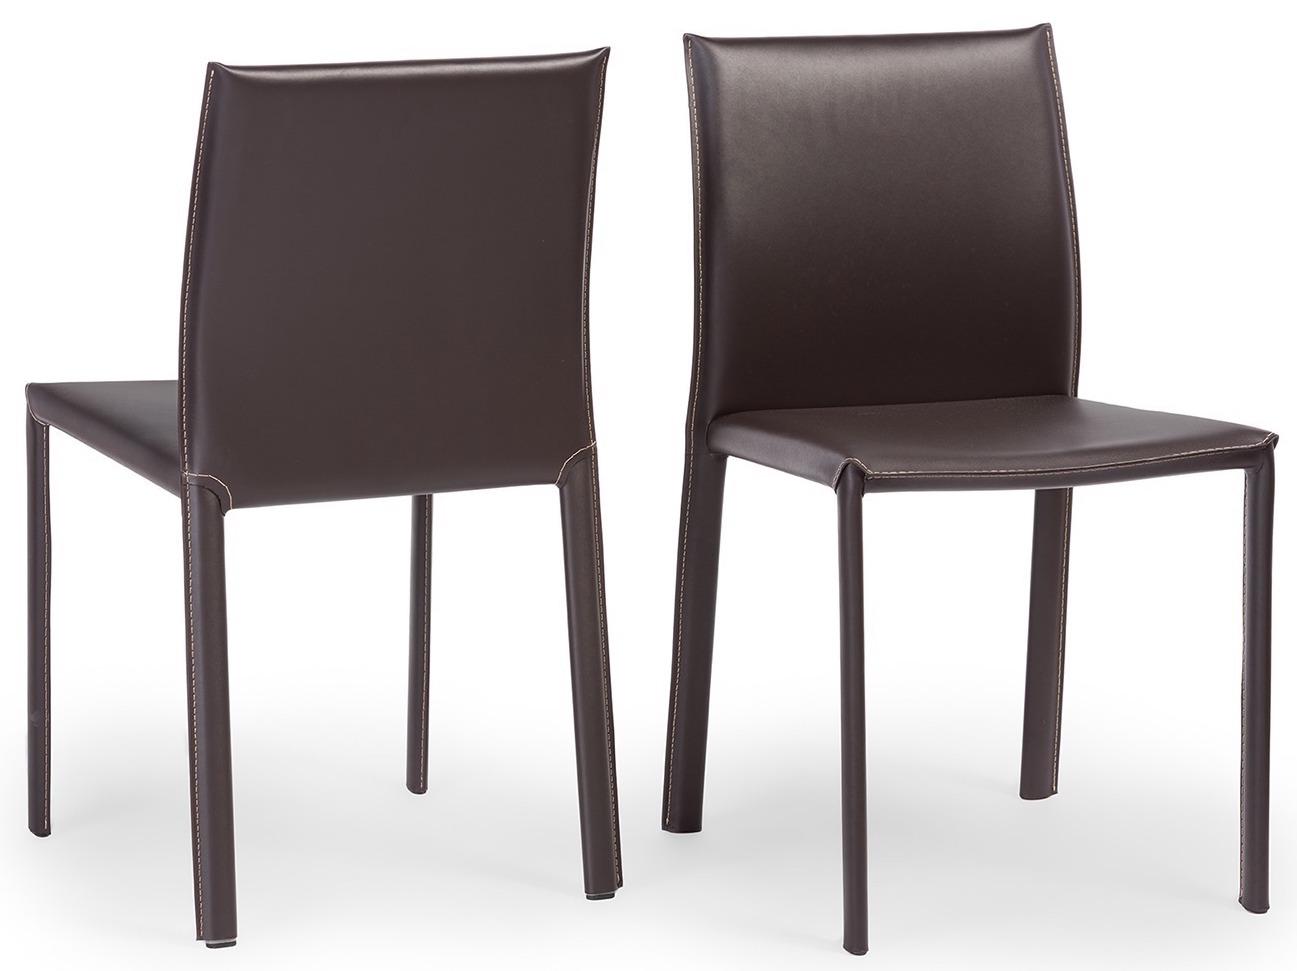 burridge-chair-in-brown-color.jpg